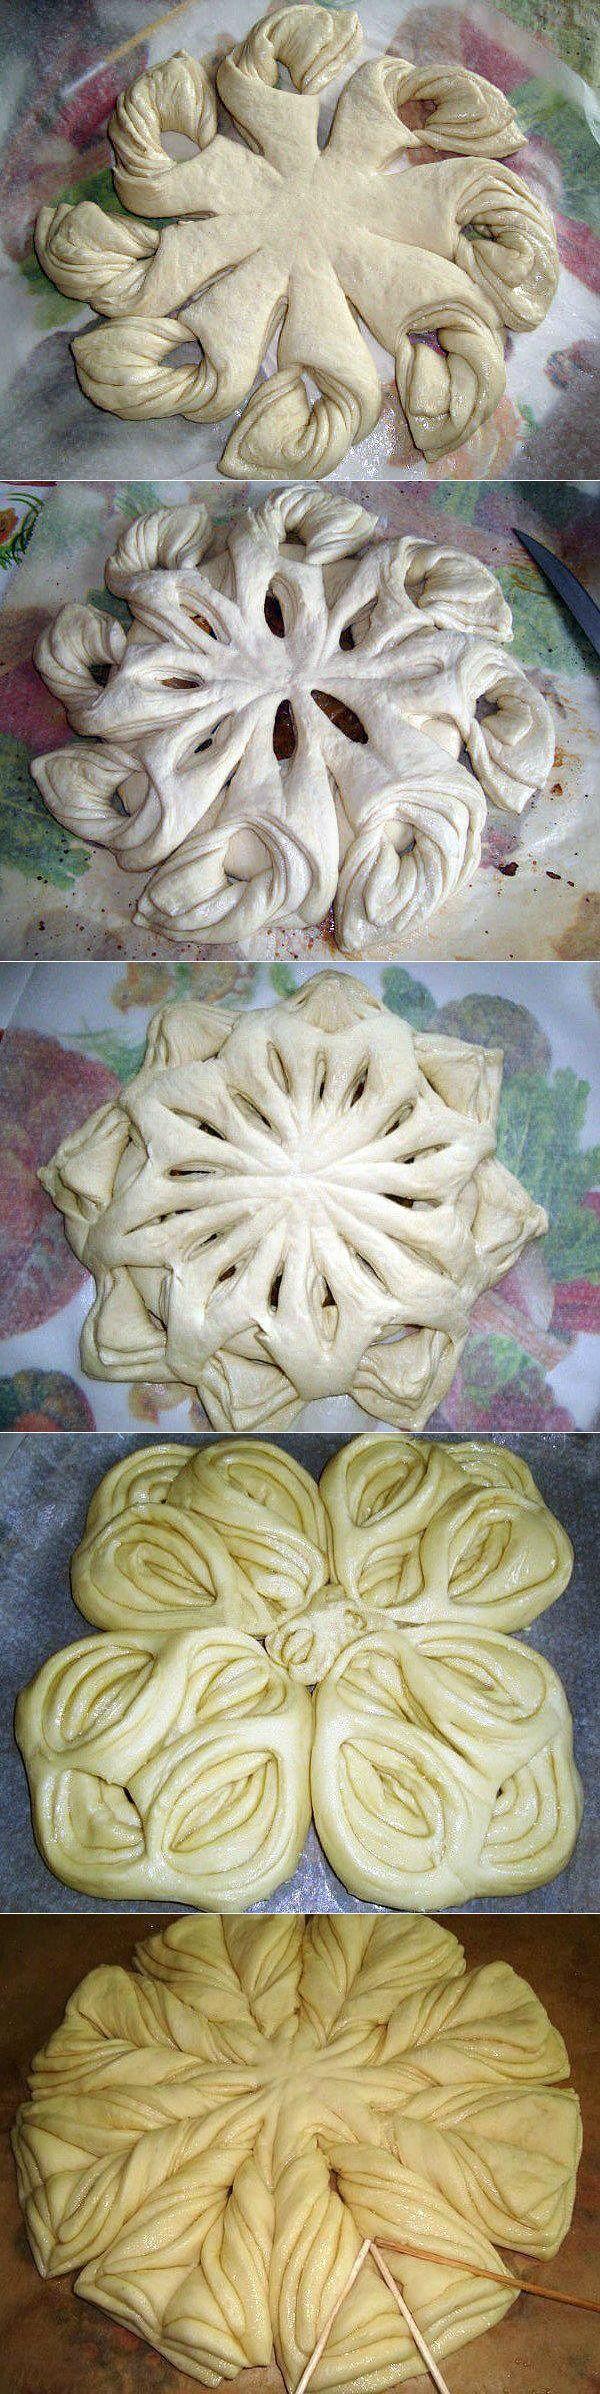 Творческий подход к оформлению пирогов